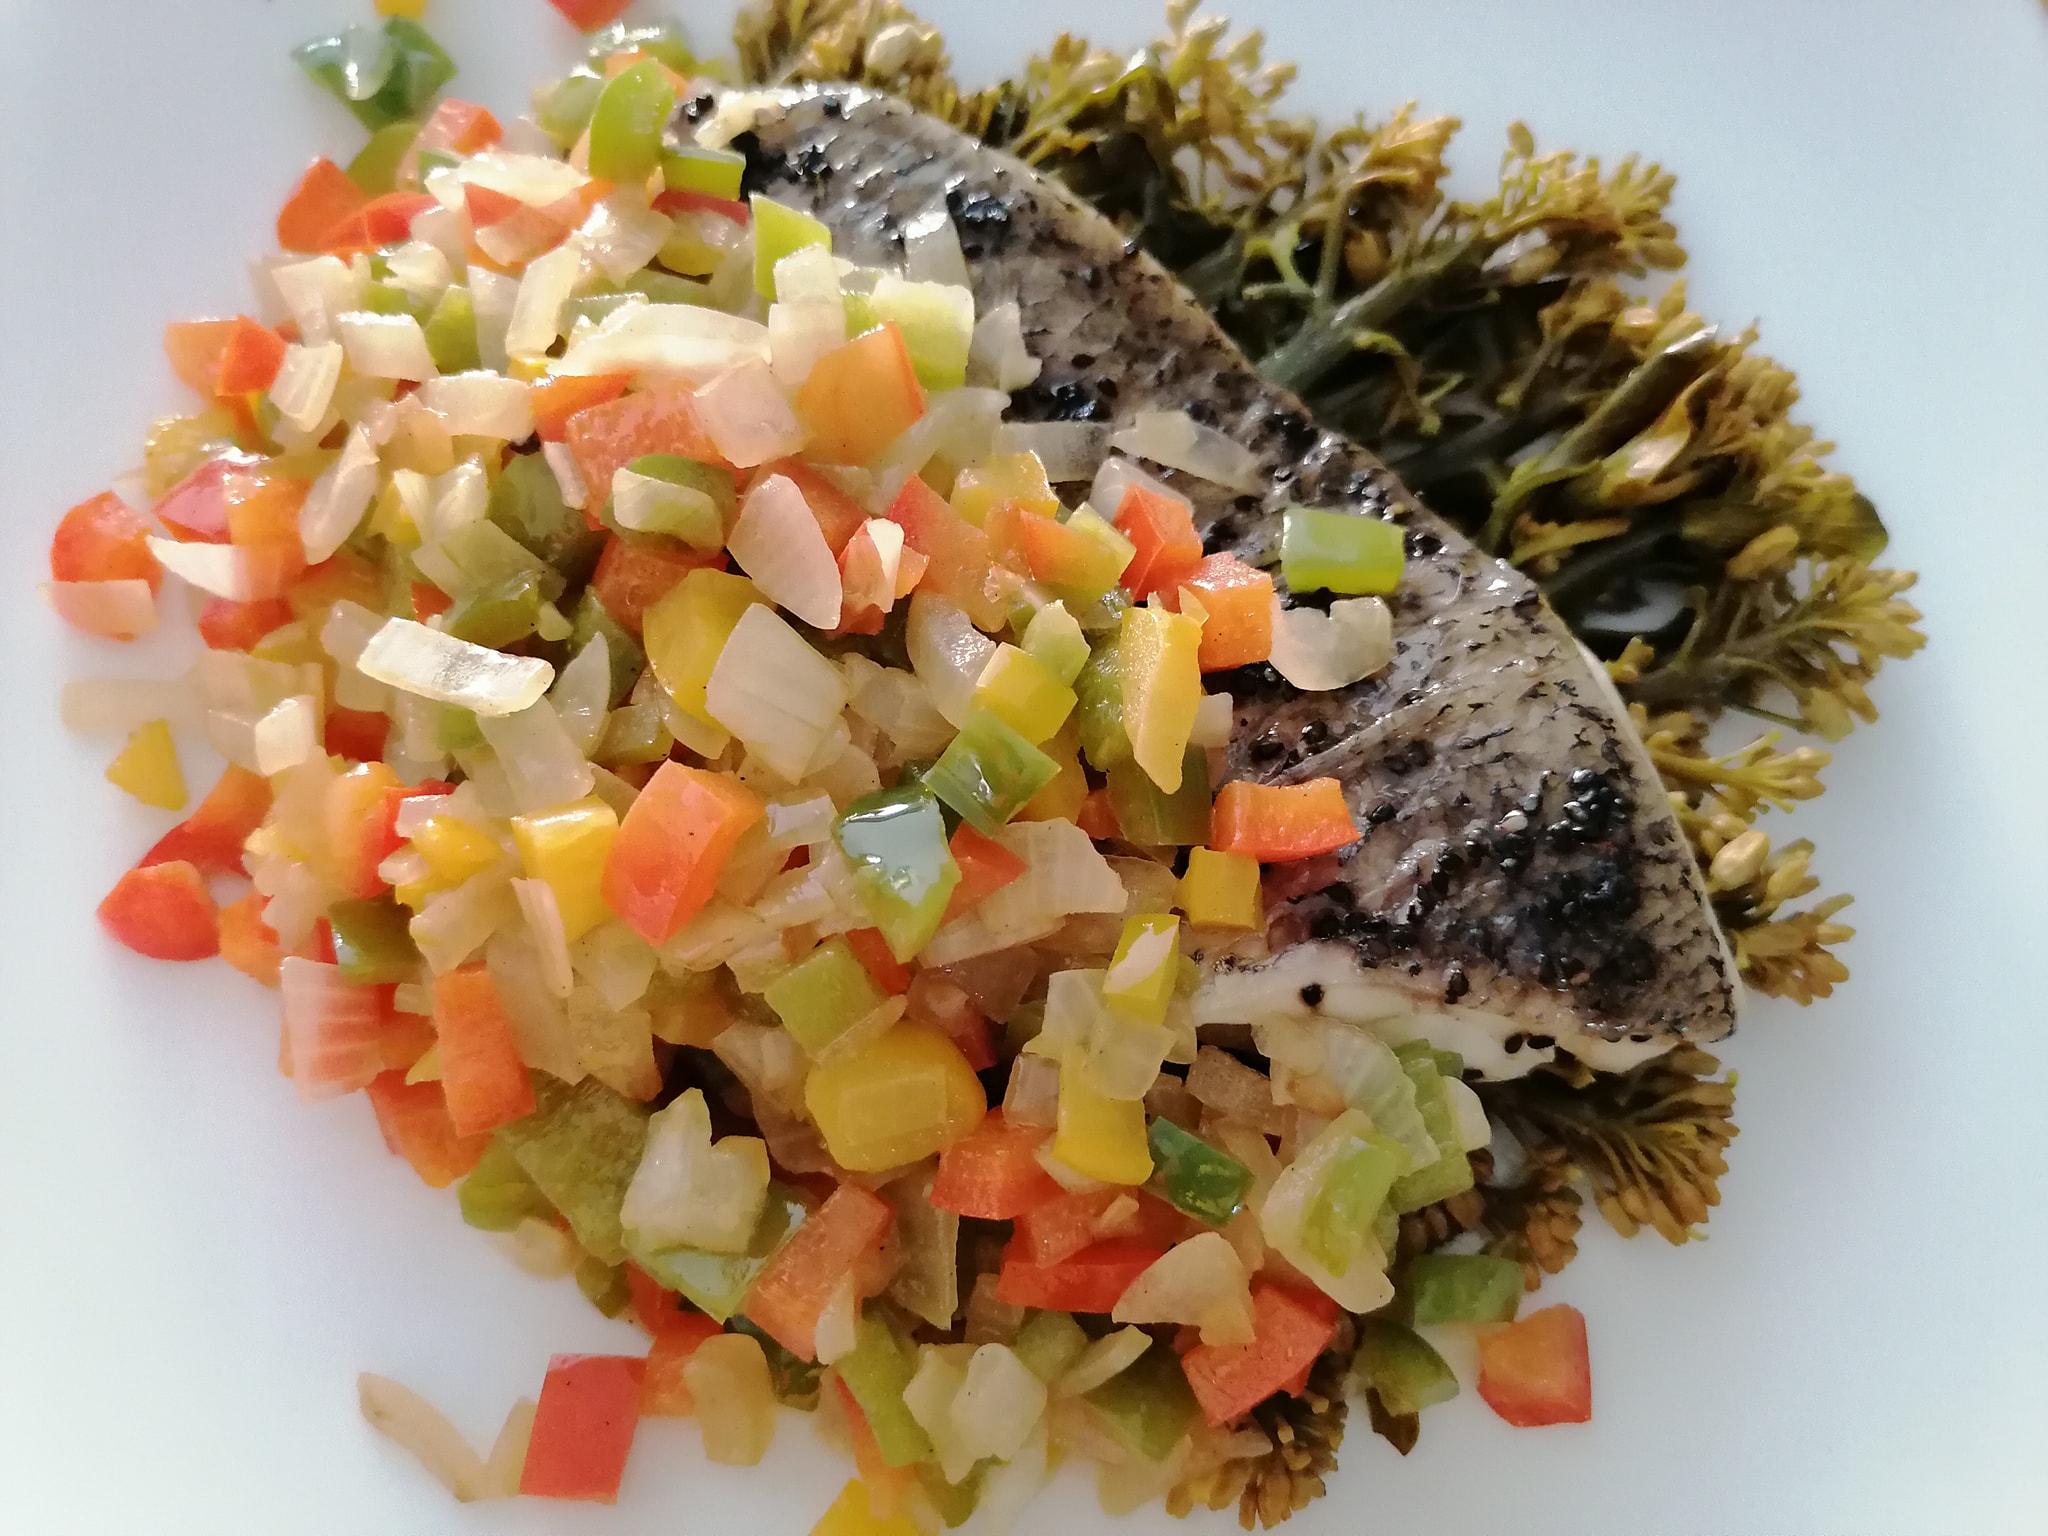 ปลากระพงนึ่ง ผัดพริกหวาน 3 สี สูตรอาหาร วิธีทำ แม่บ้าน